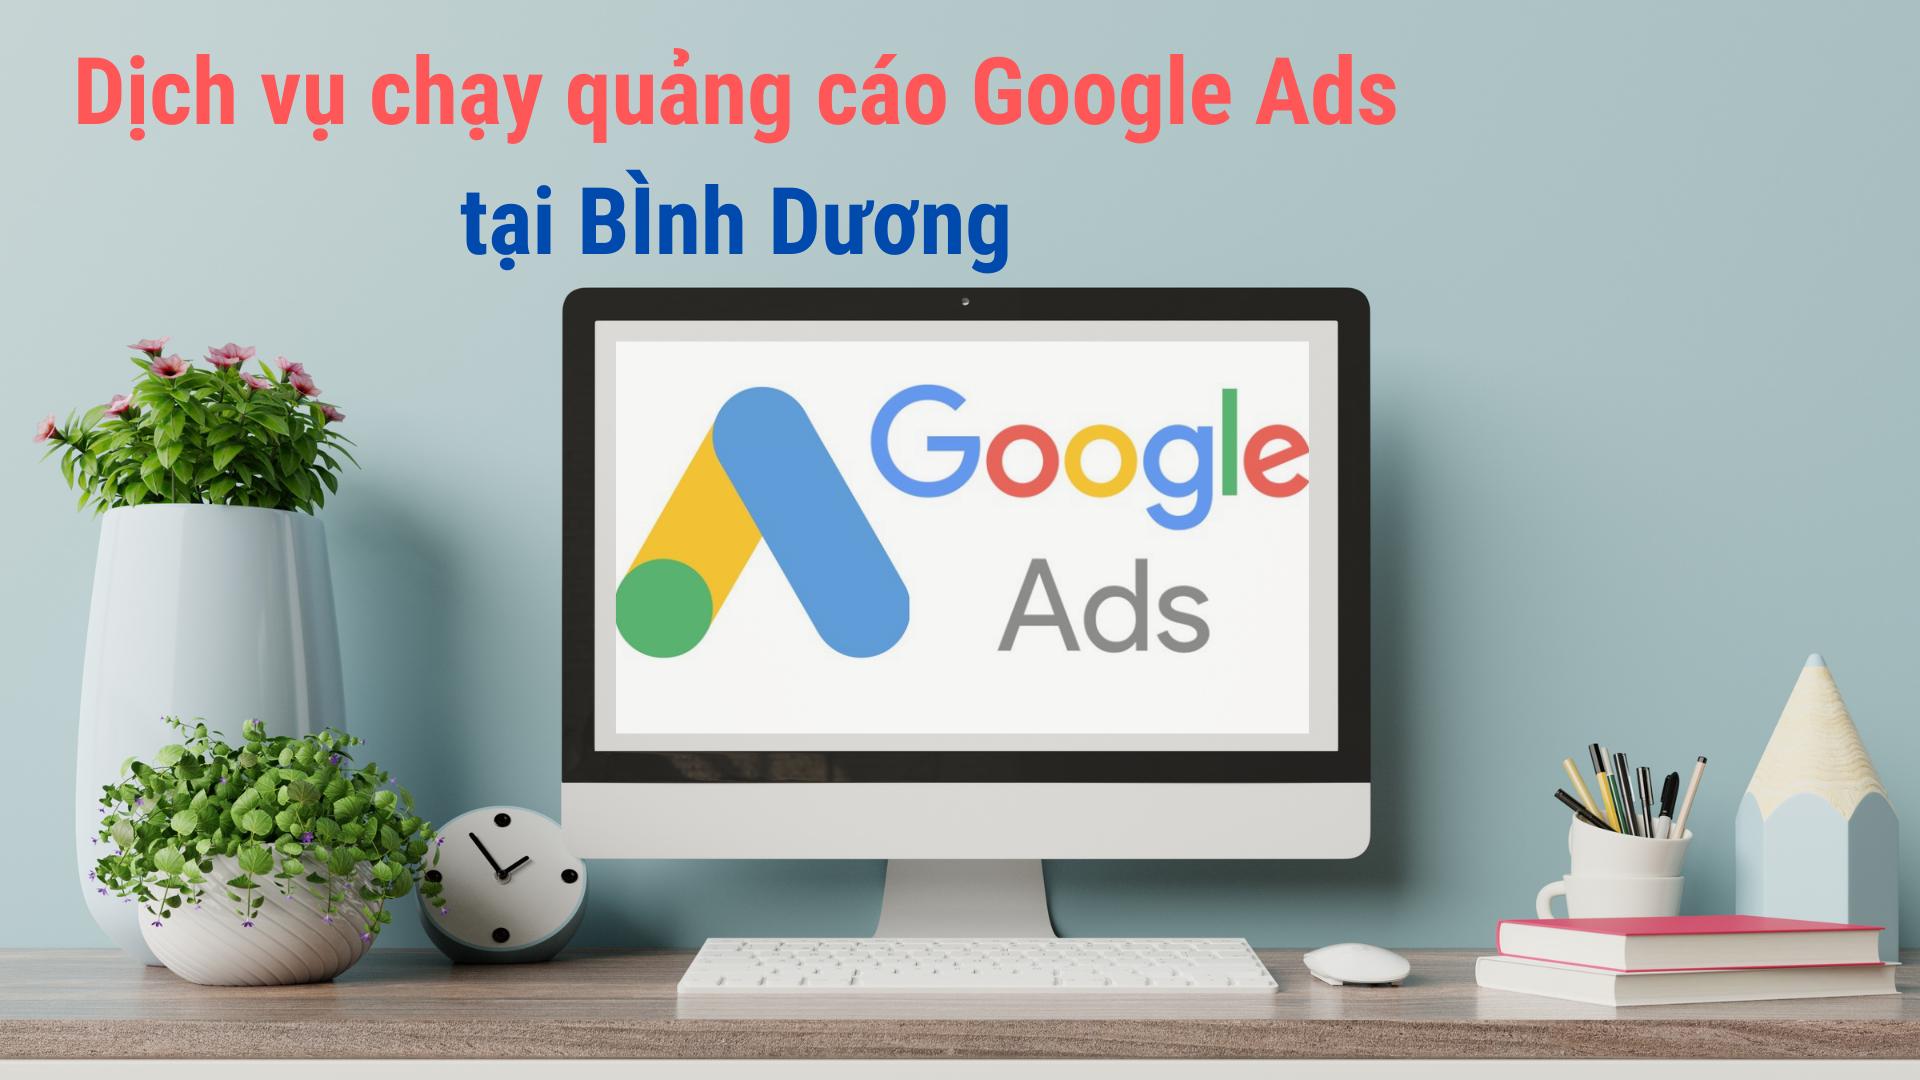 Dịch vụ quảng cáo Google Ads Bình Dương